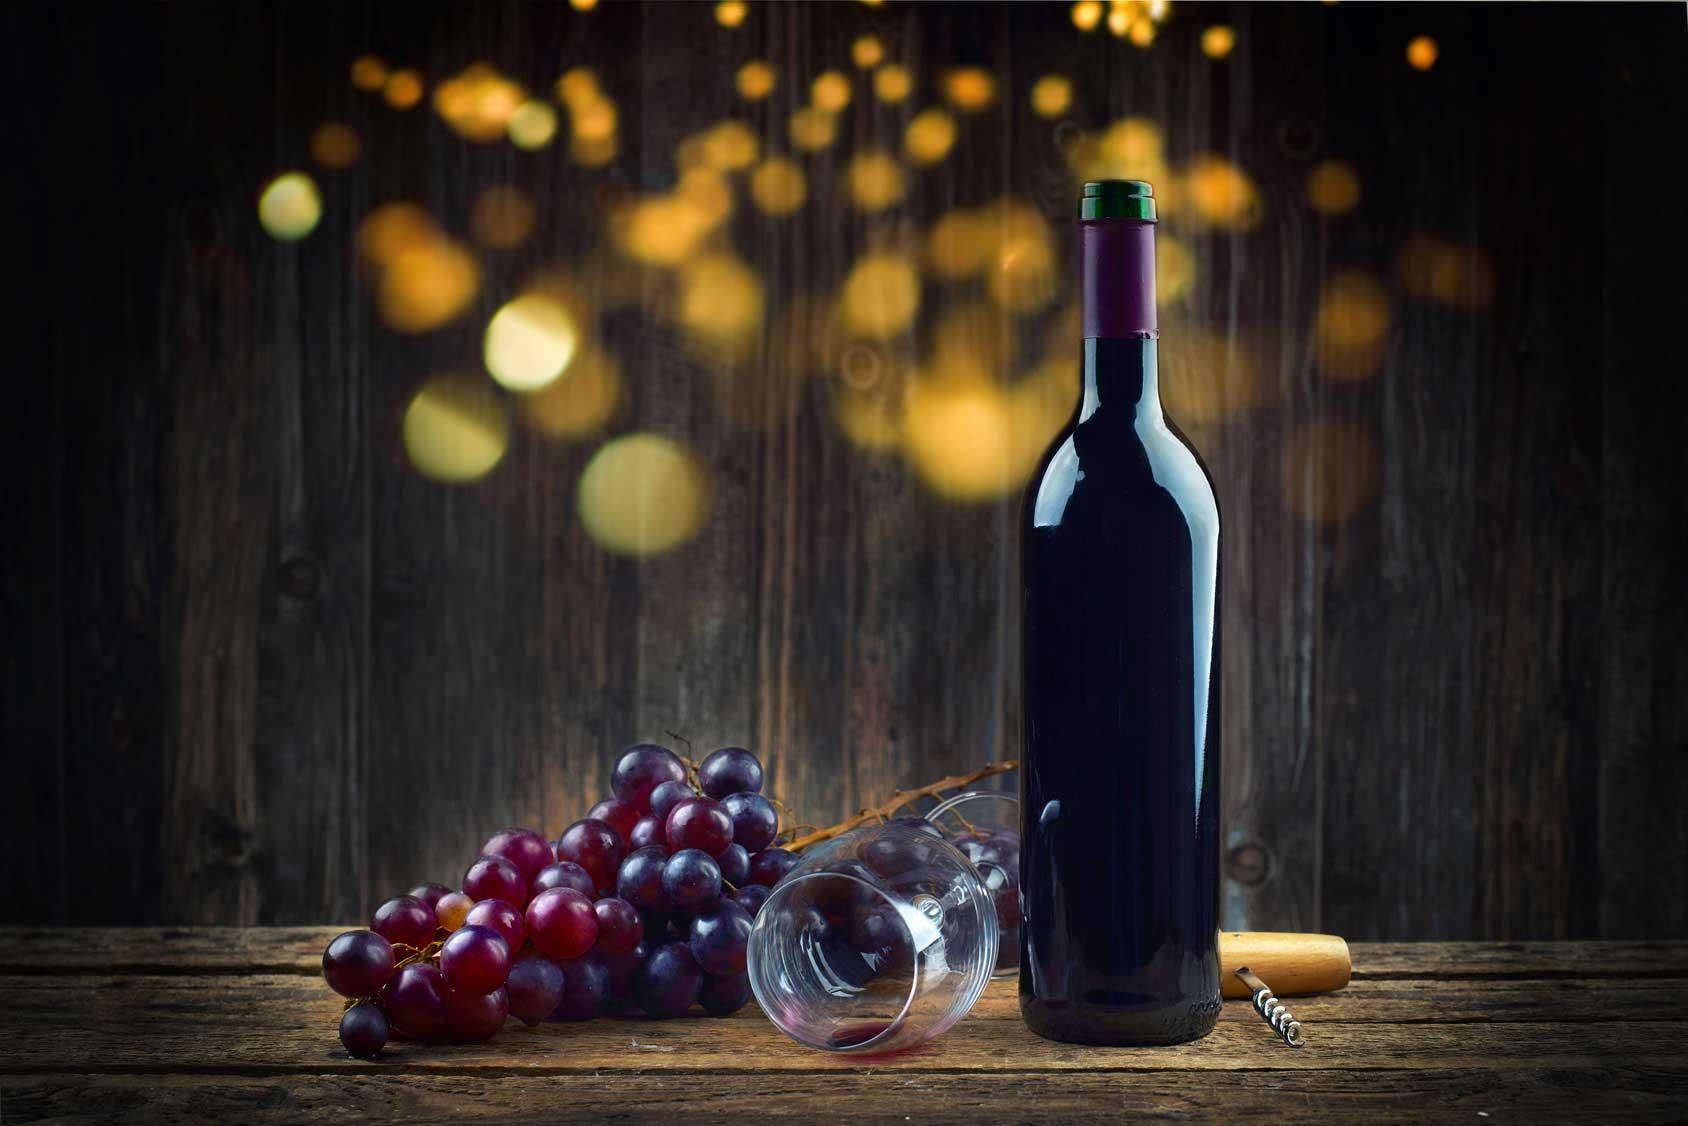 Les Vins d'à Côté, vins d'appellations à découvrir